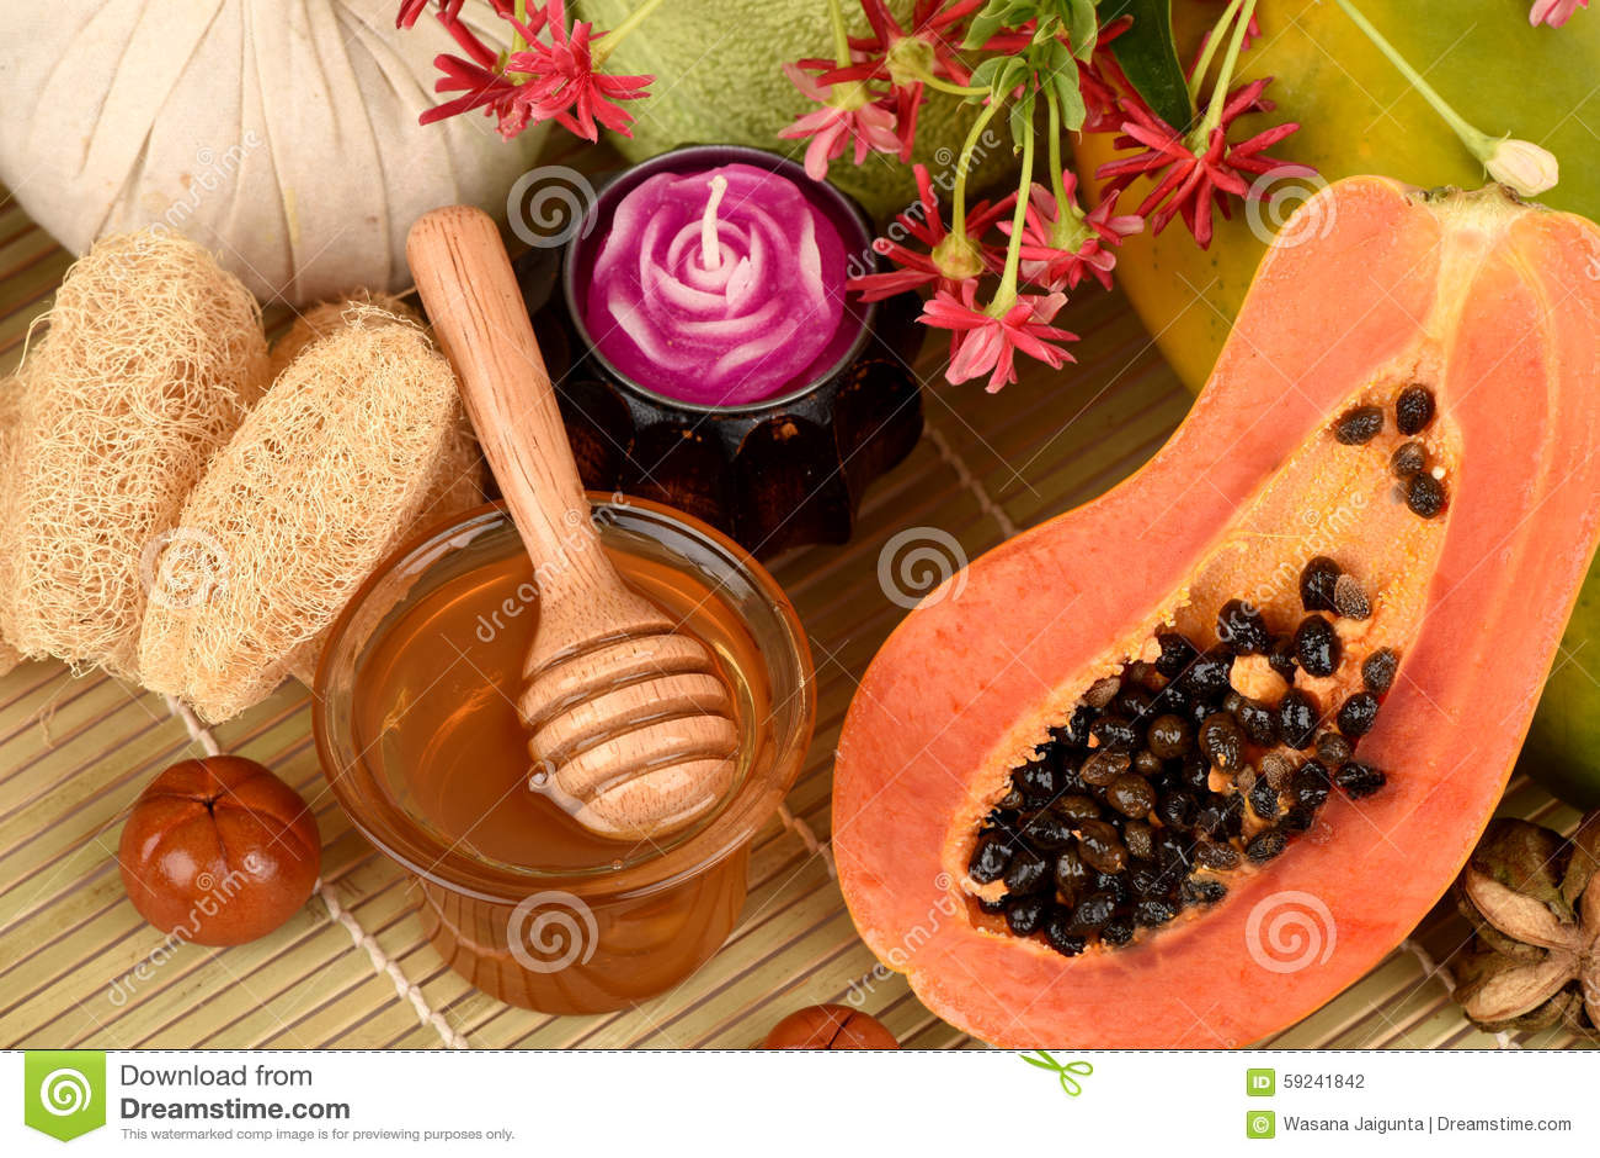 Download Mascarilla Para El Tratamiento Del Acné Con La Papaya Y La Miel Foto de archivo - Imagen de toallas, velas: 59241842